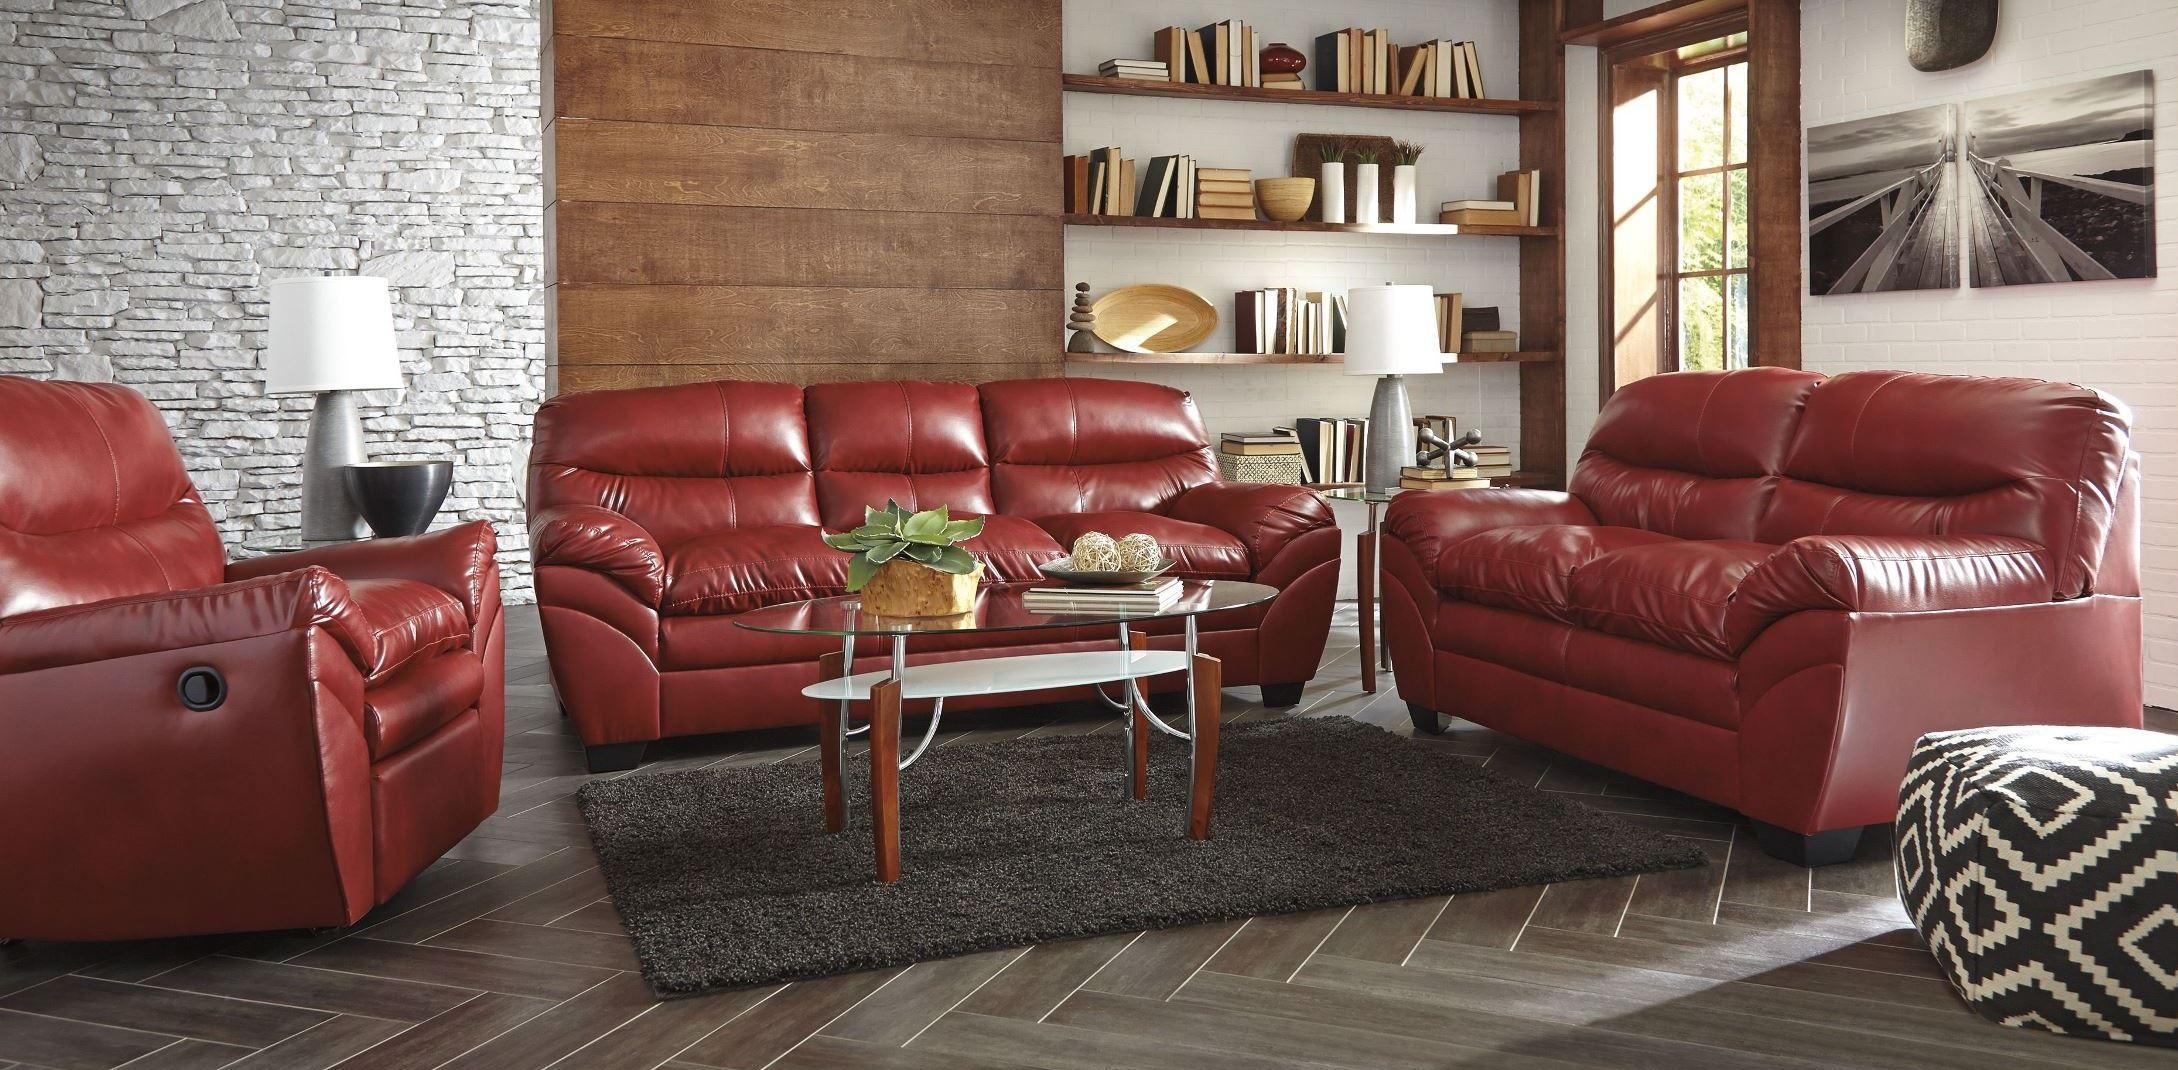 Tassler Durablend Crimson Living Room Set From Ashley 4650038 Coleman Fur